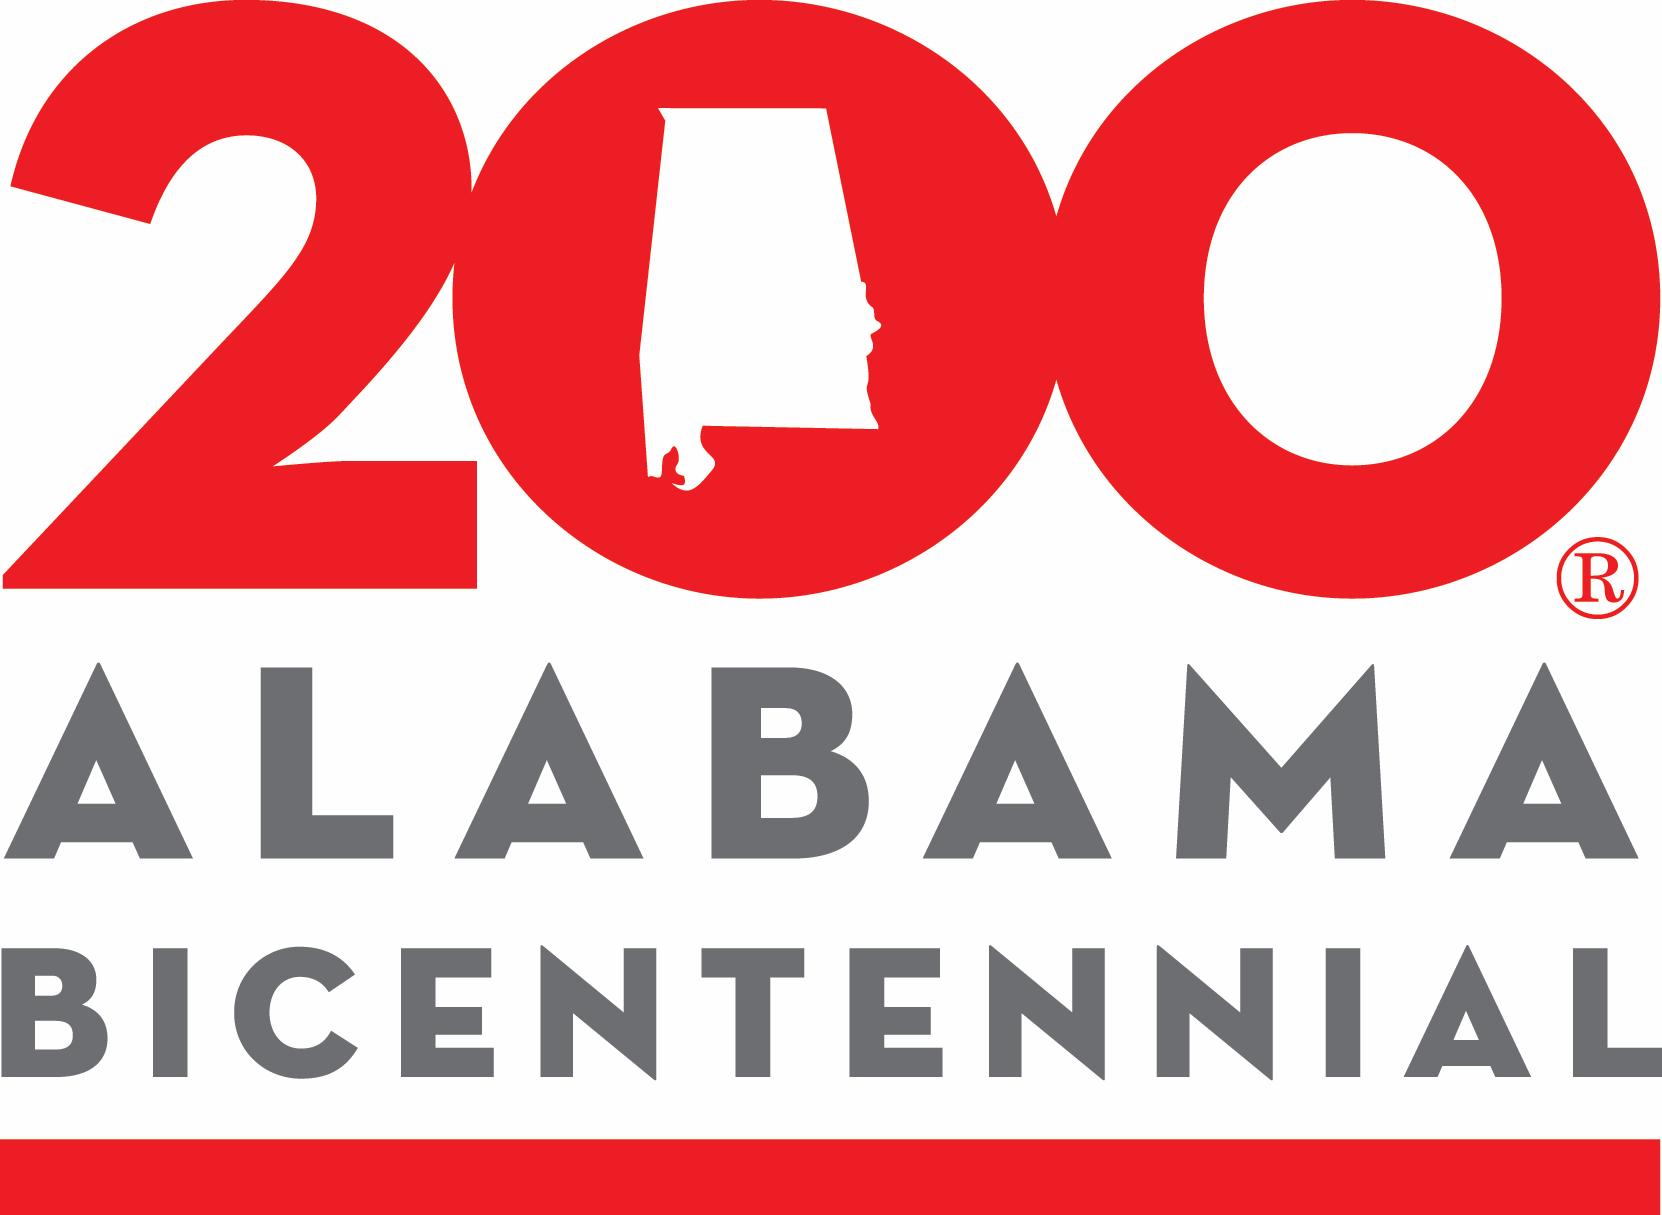 Bicentennial Logo.jpg